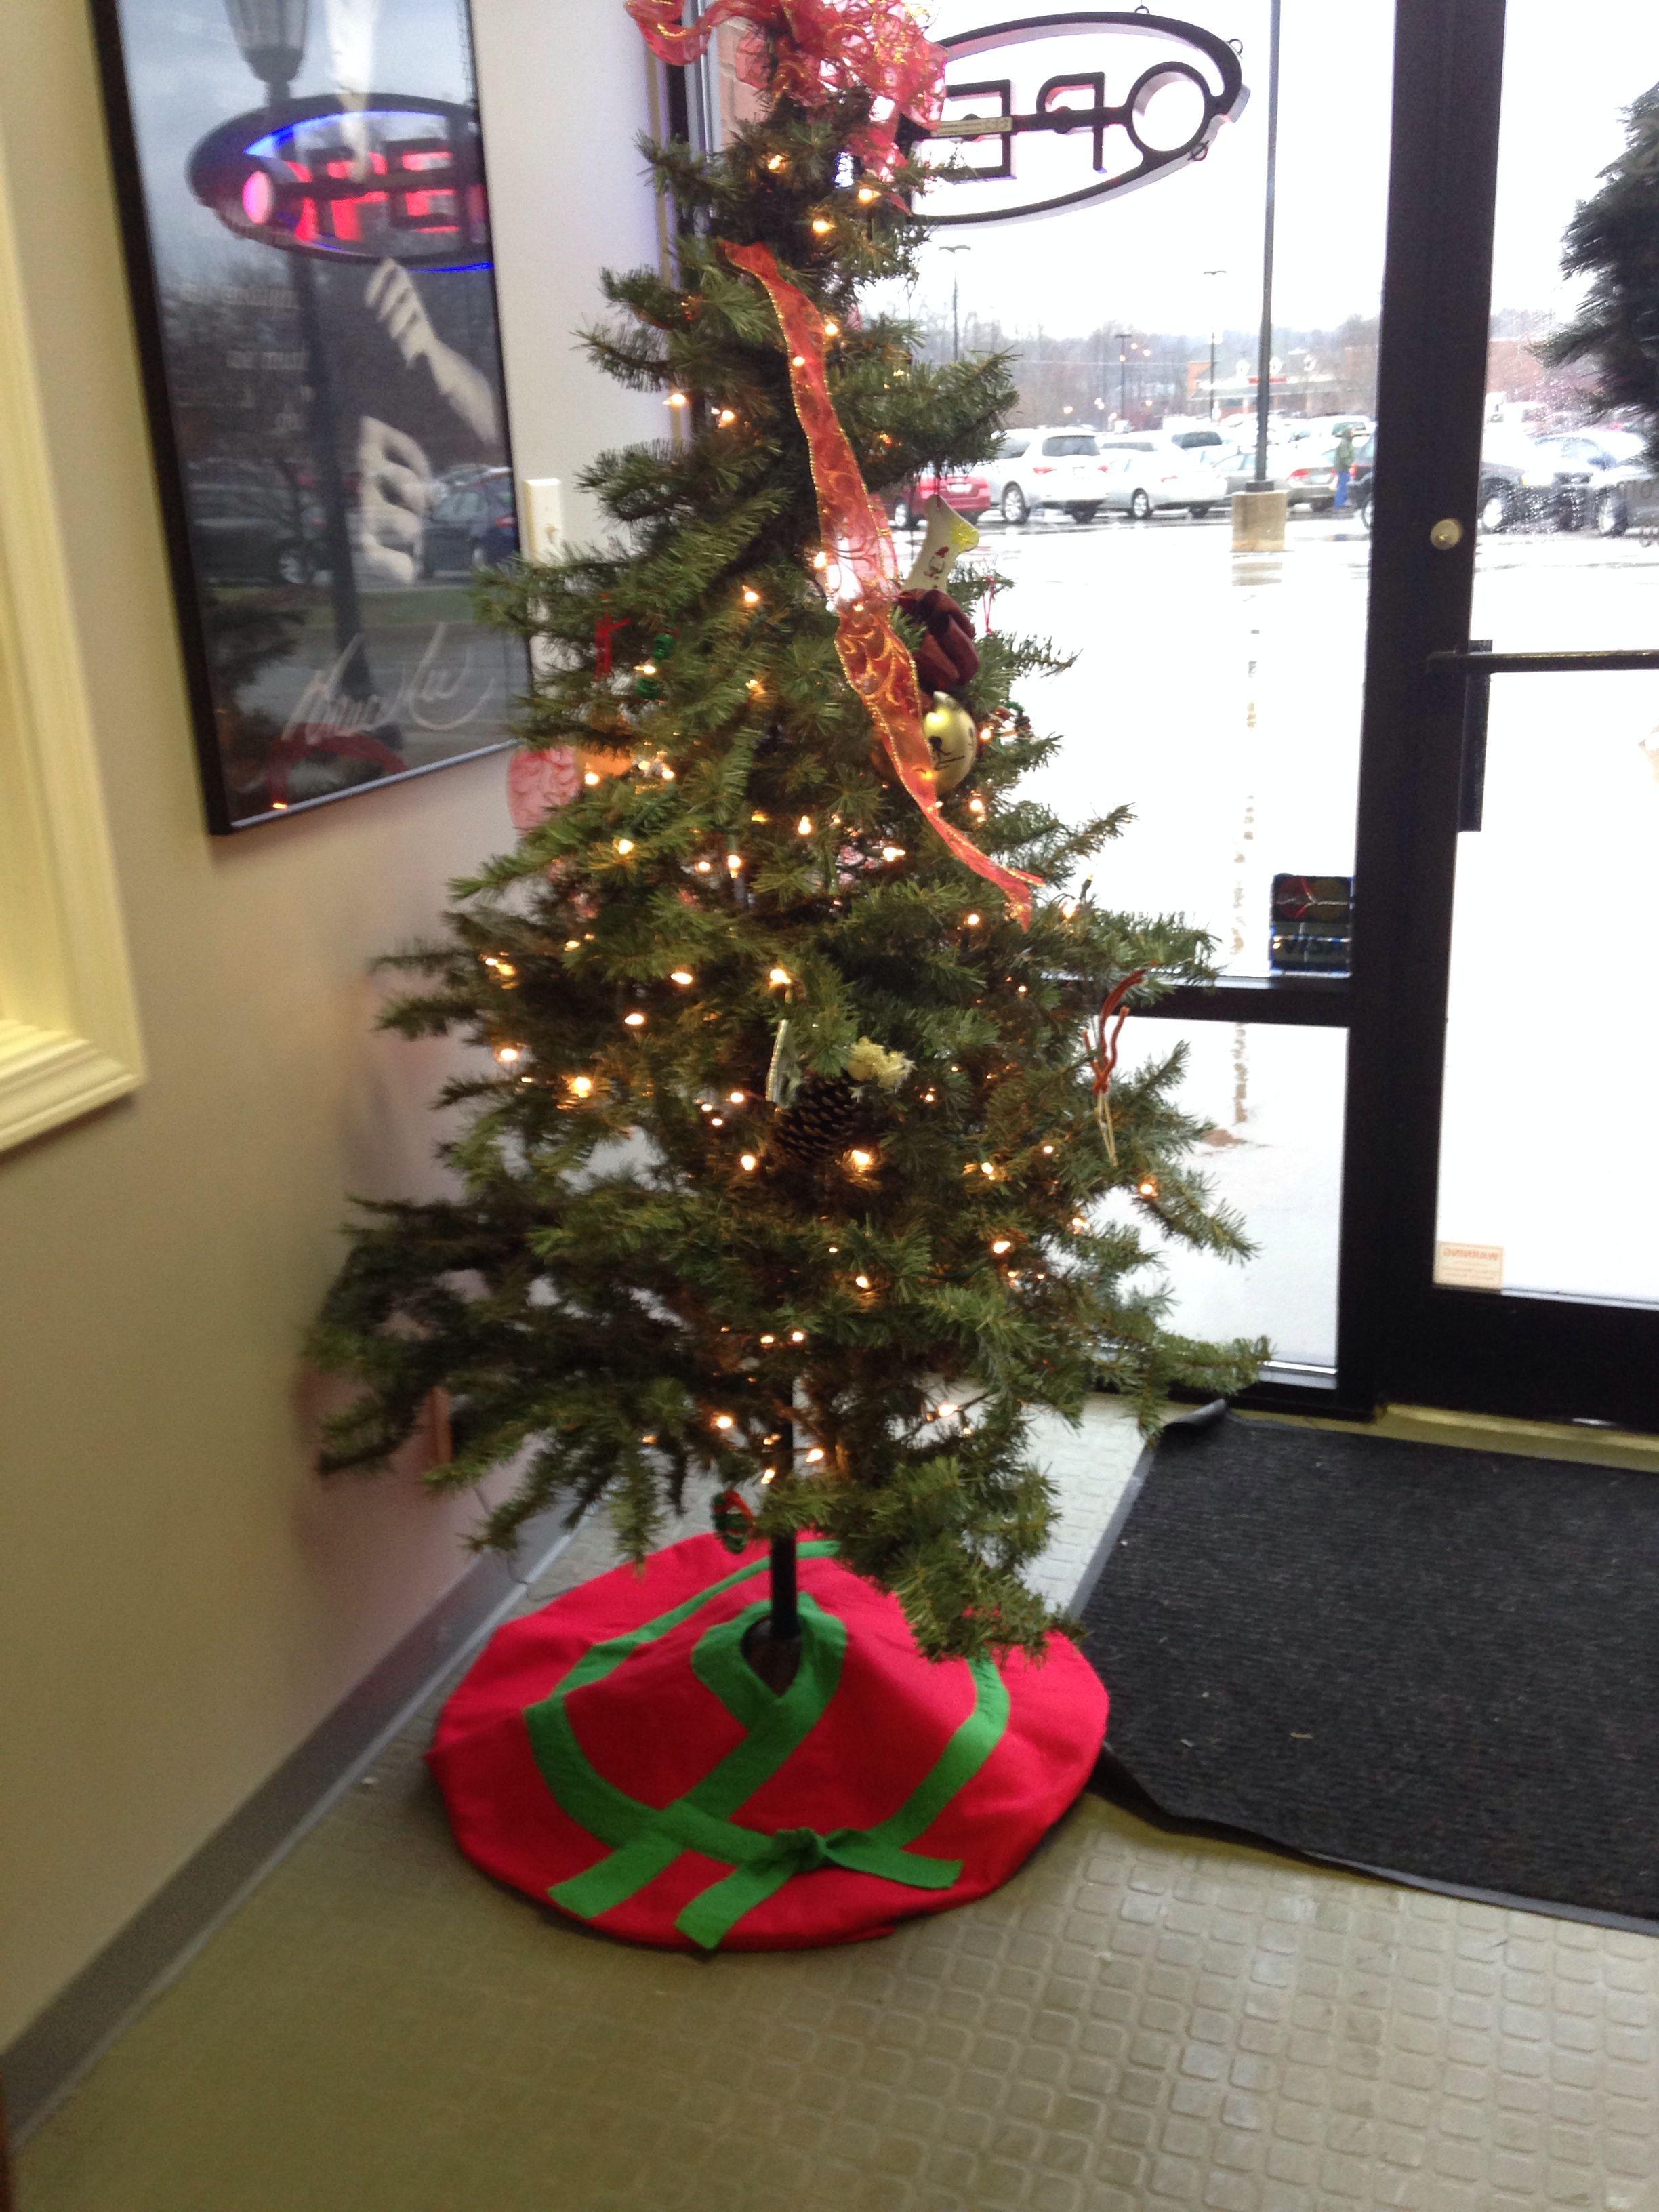 Karate Gi Christmas Tree Skirt Christmas tree skirt